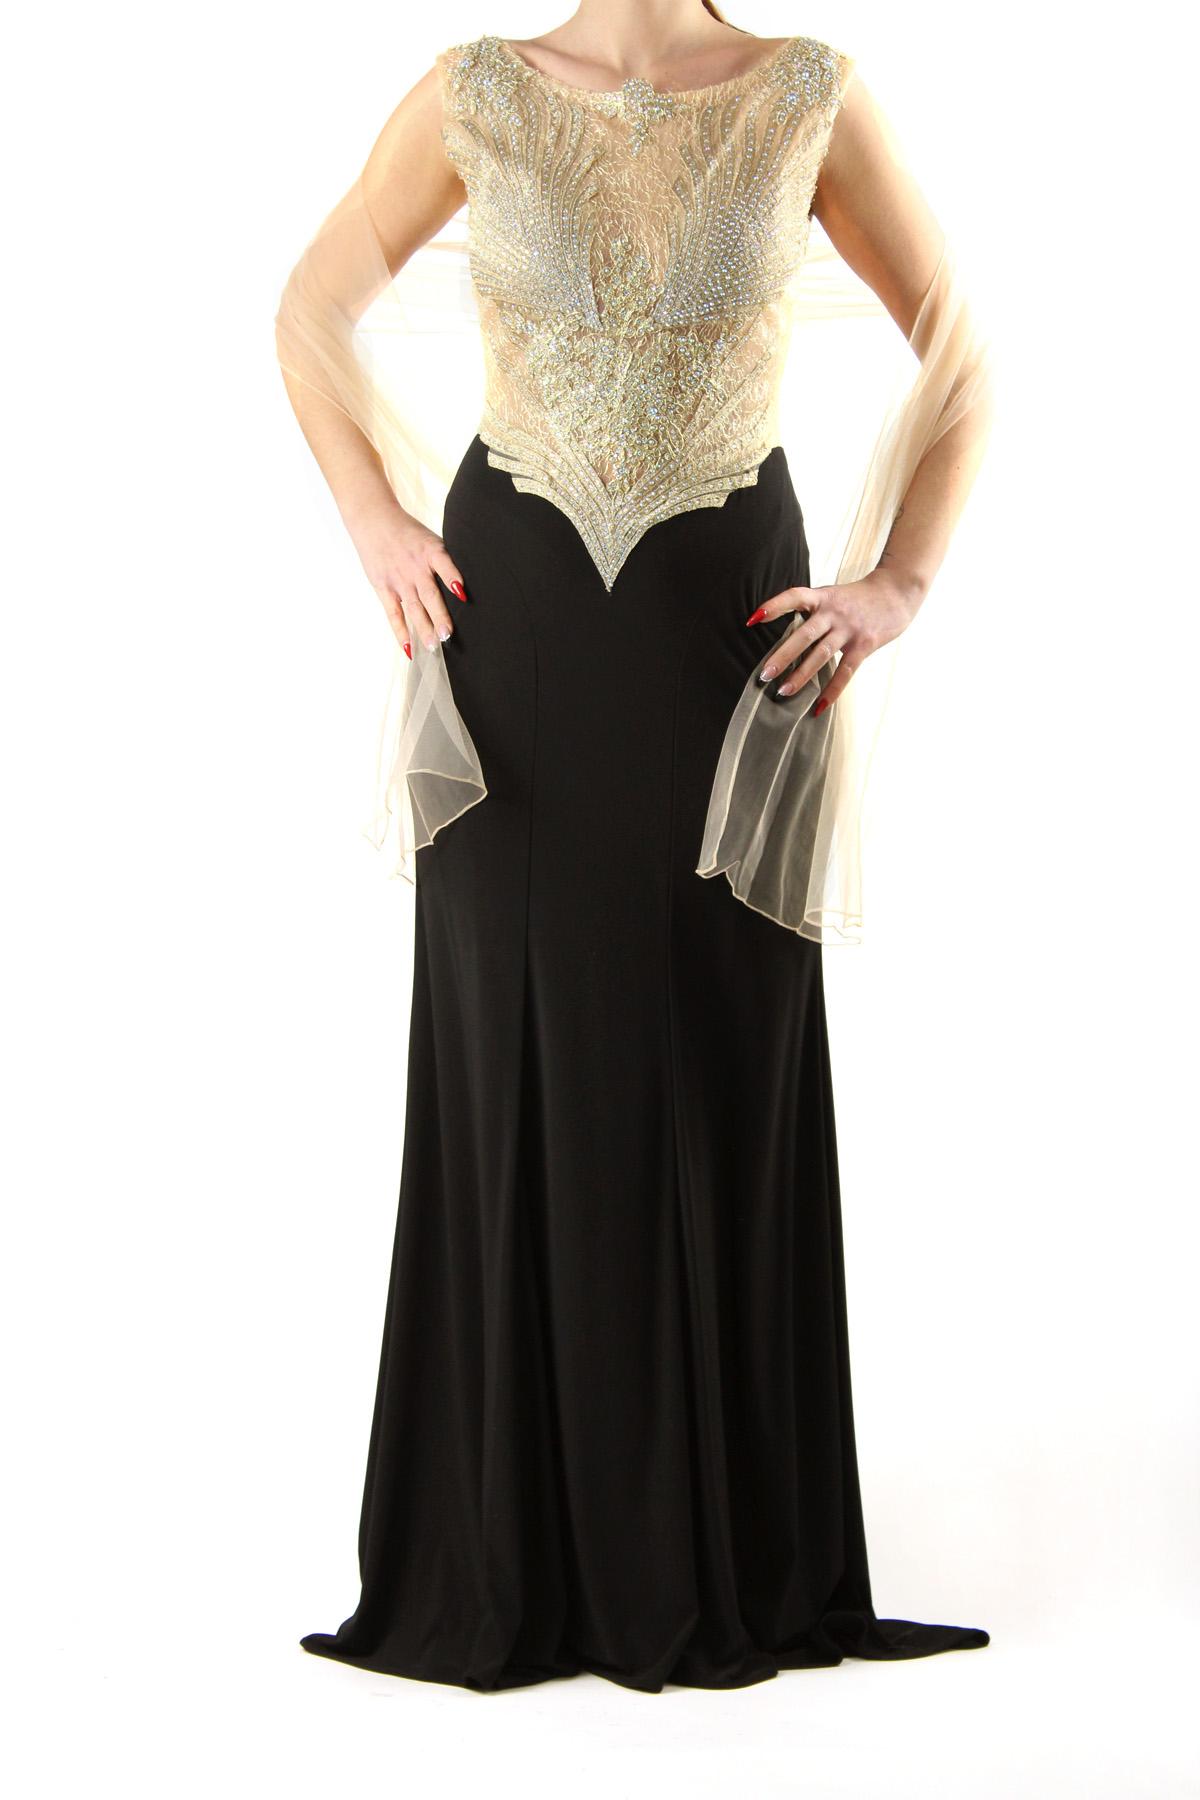 big sale 23da1 80c4d Abito a sirena cerimonia nero e oro by Belen haute couture